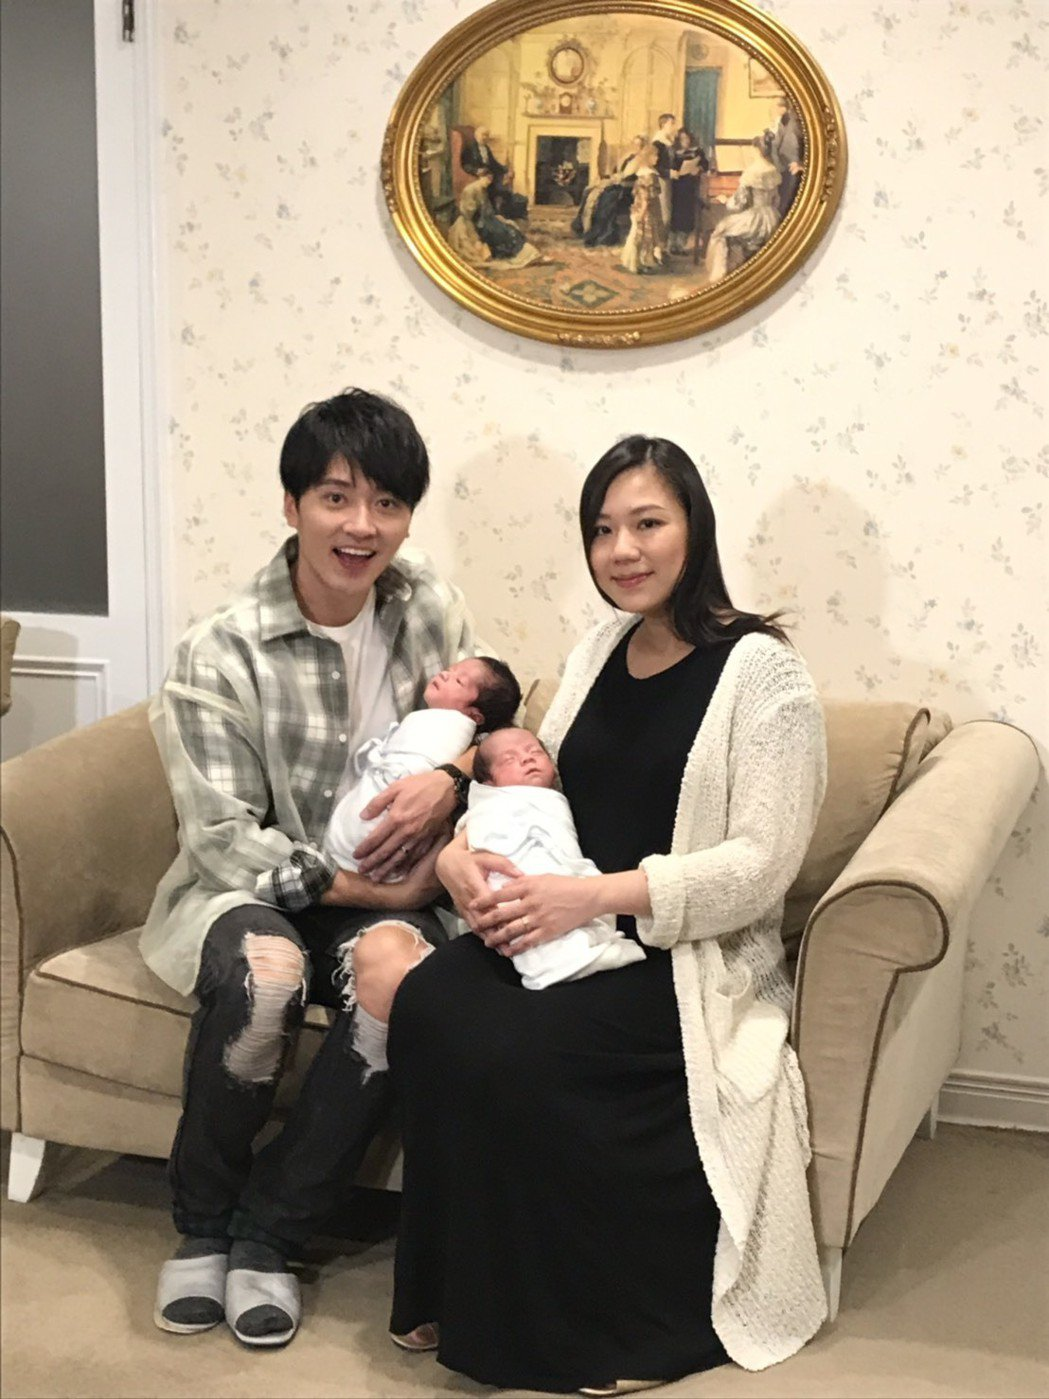 馬俊麟和老婆帶著雙胞胎出來見客。圖/民視提供